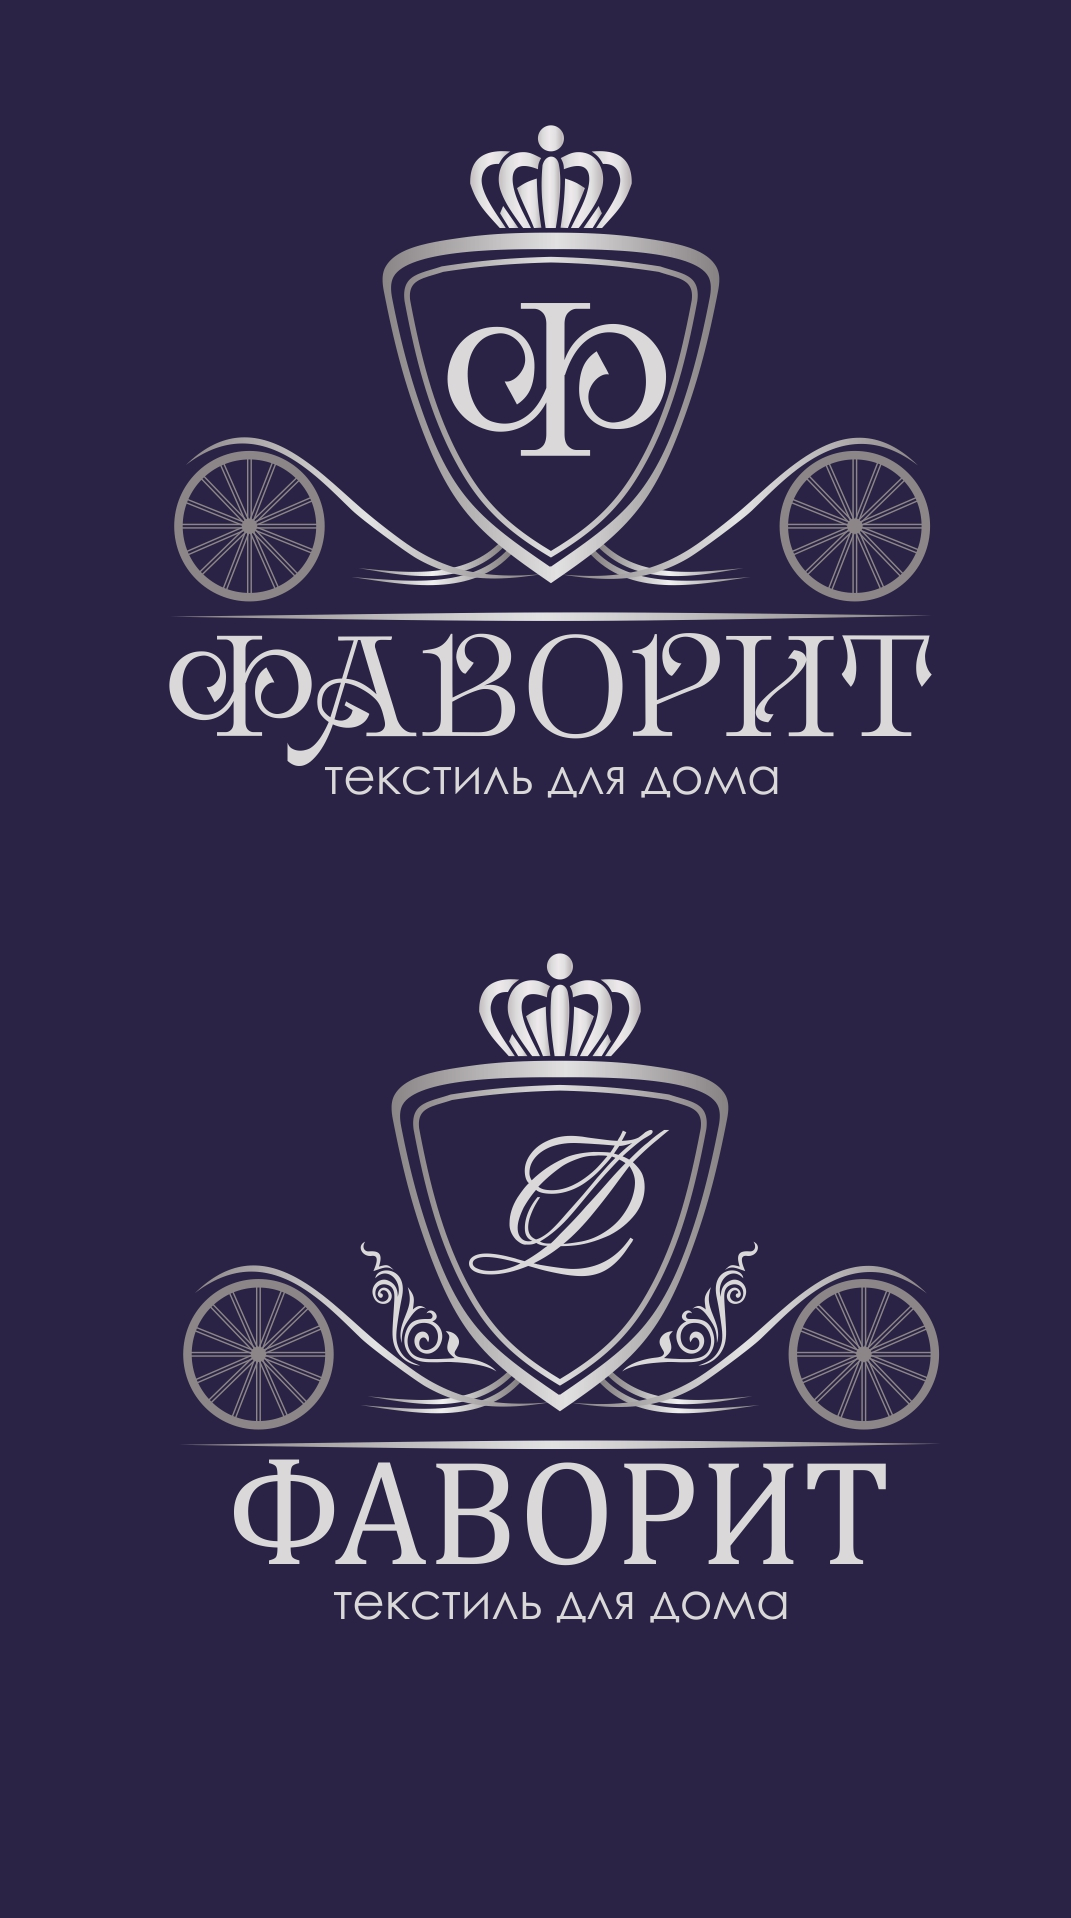 Разработать логотип для нового бренда фото f_71759e9ff38a3669.jpg